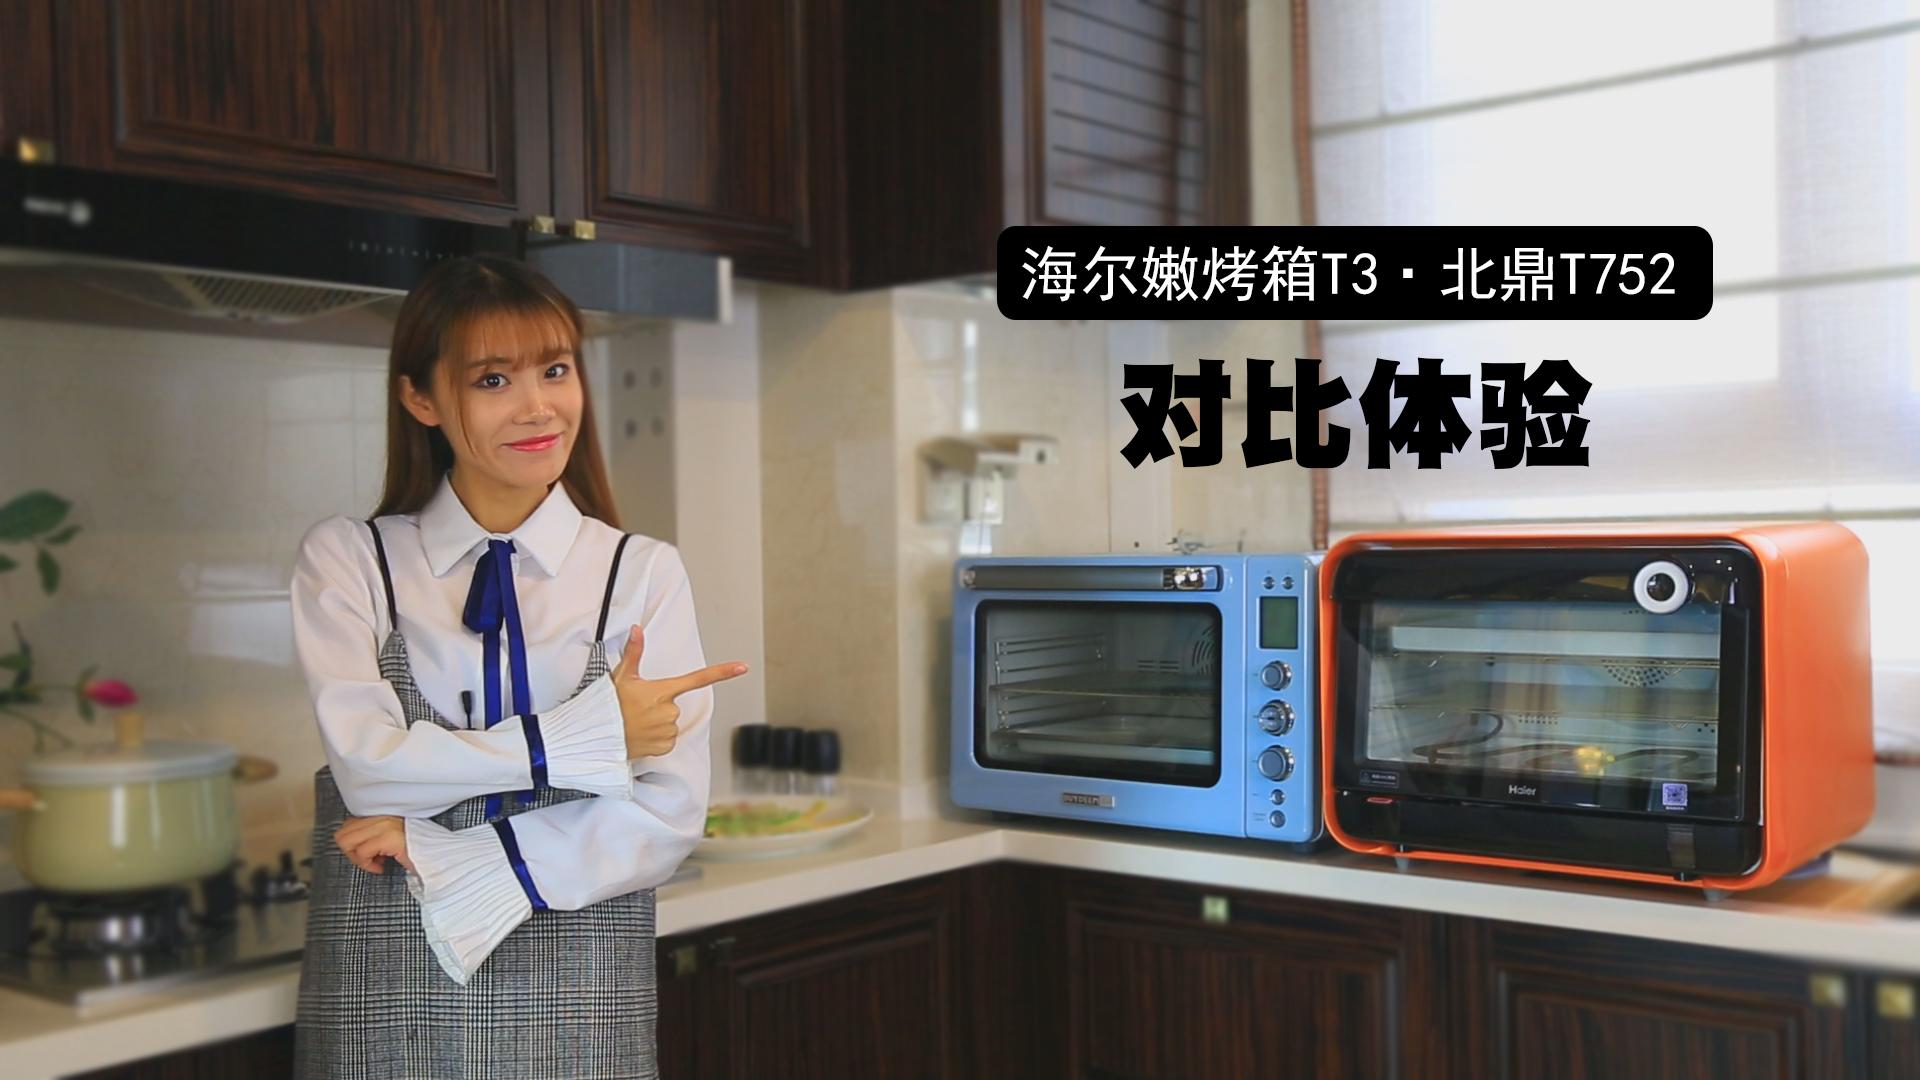 美食达人种草的这两款网红烤箱, 嫩烤箱t3、北鼎T752对比体验